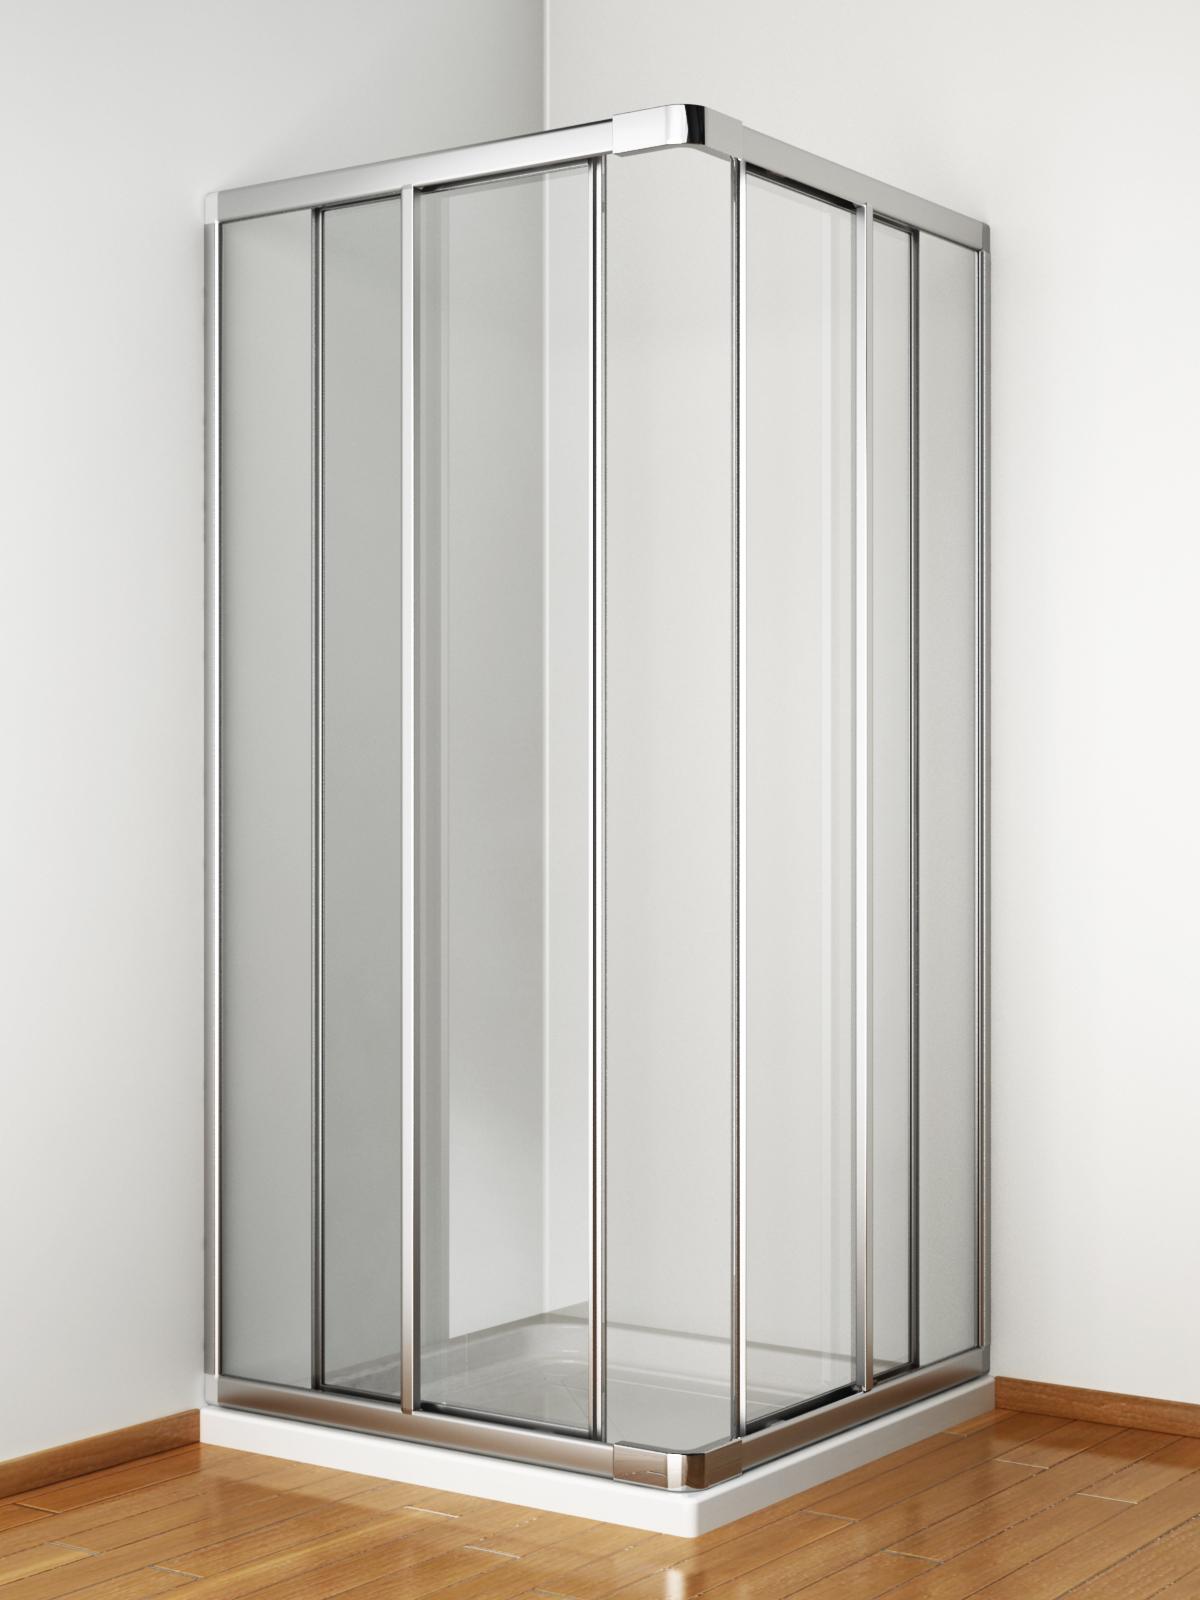 Box doccia angolo 2 porte scorrevoli - Porte scorrevoli ad angolo ...